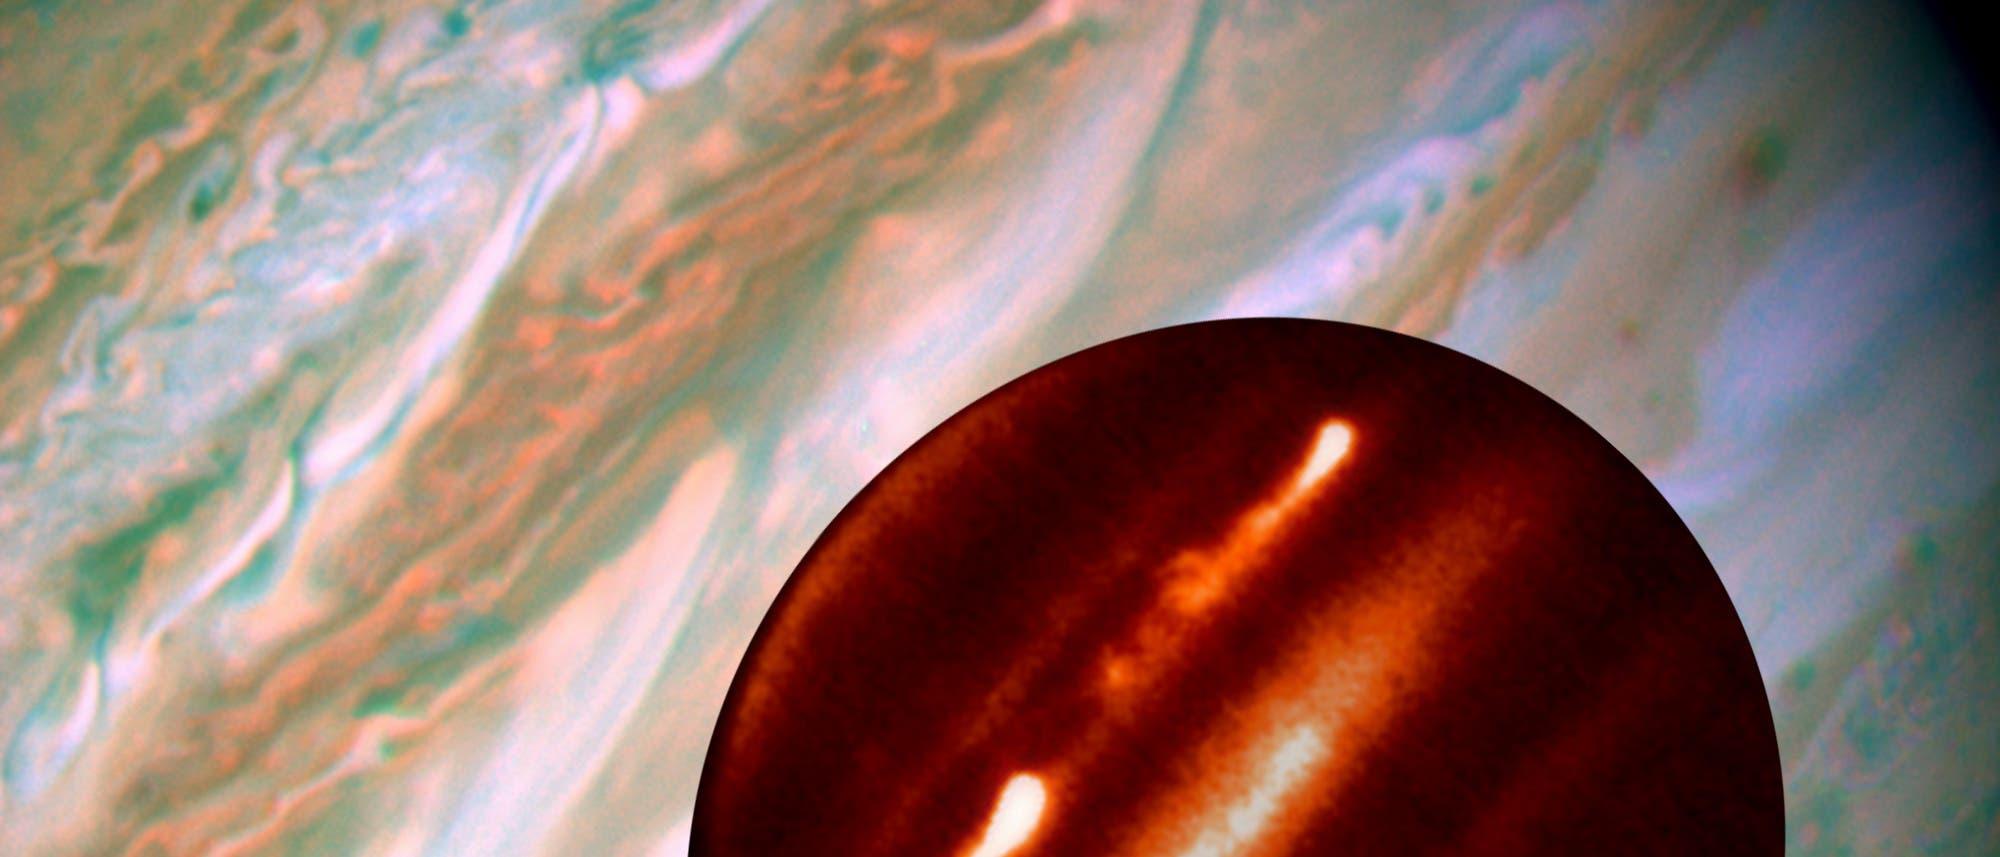 Turbulenzen auf Jupiter